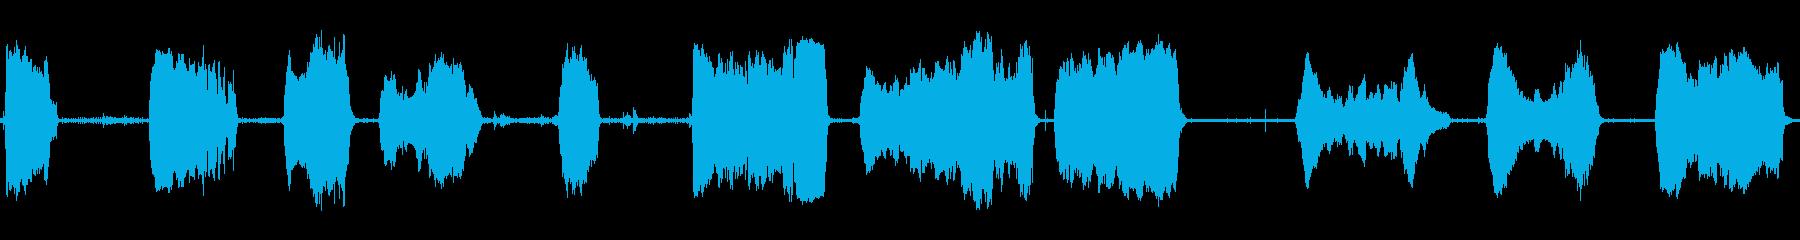 猫のハウルの危険なニャーの再生済みの波形